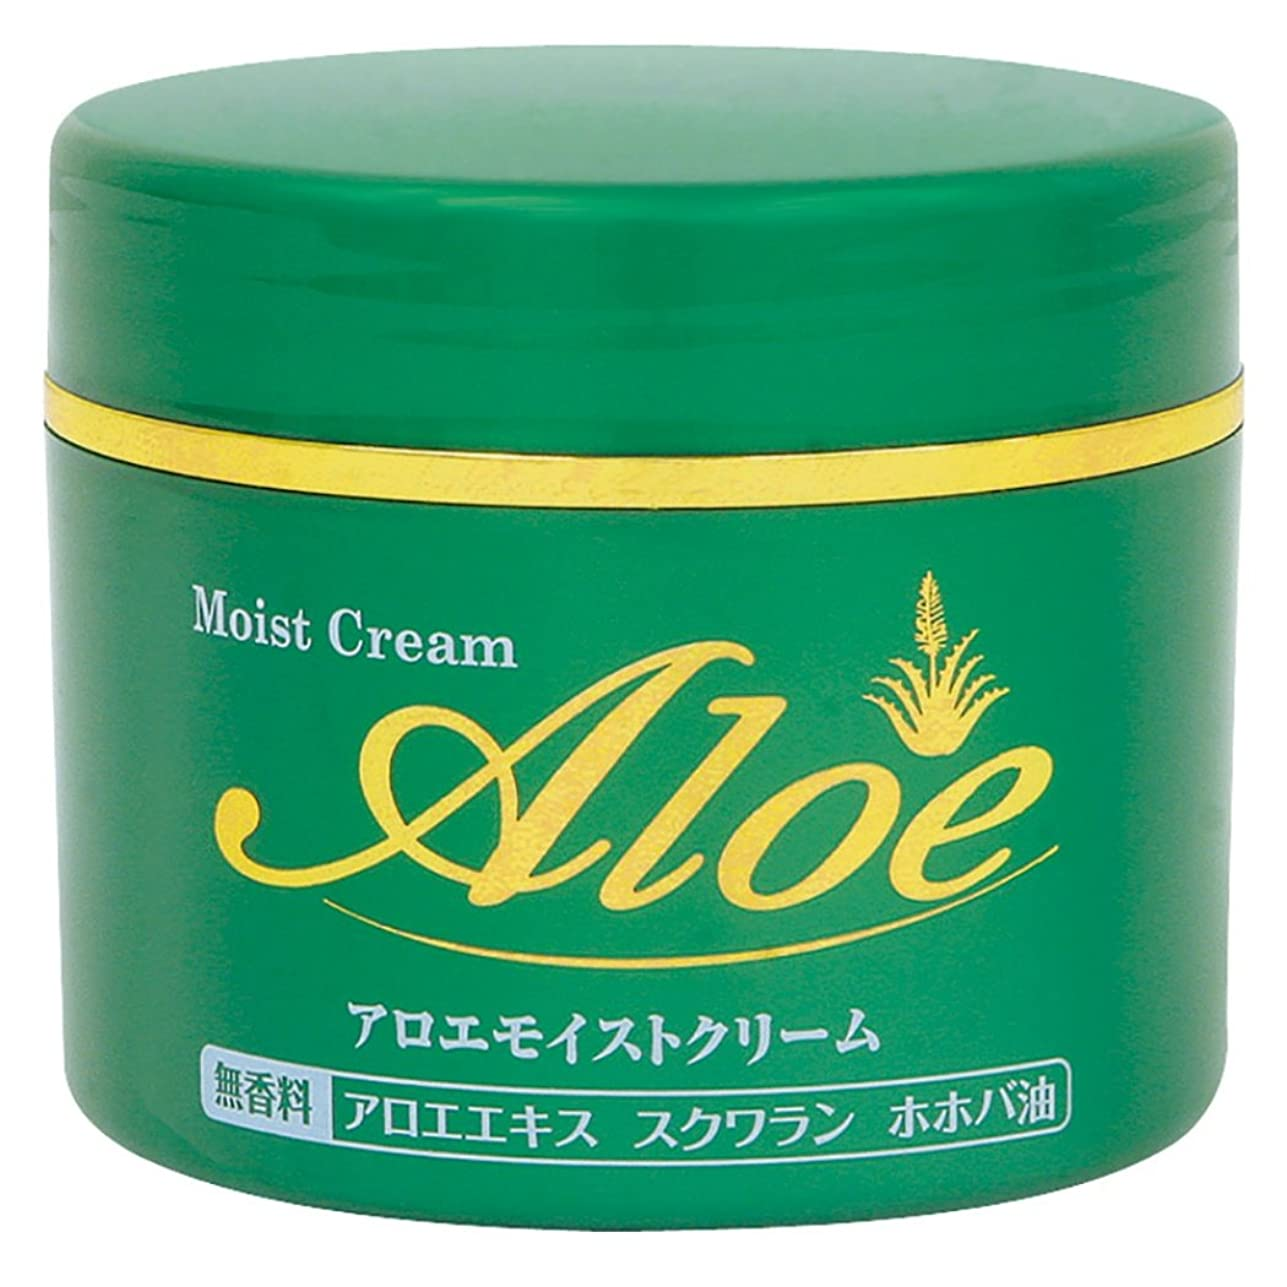 アクセサリー熟すばかアロエモイストクリーム 160g